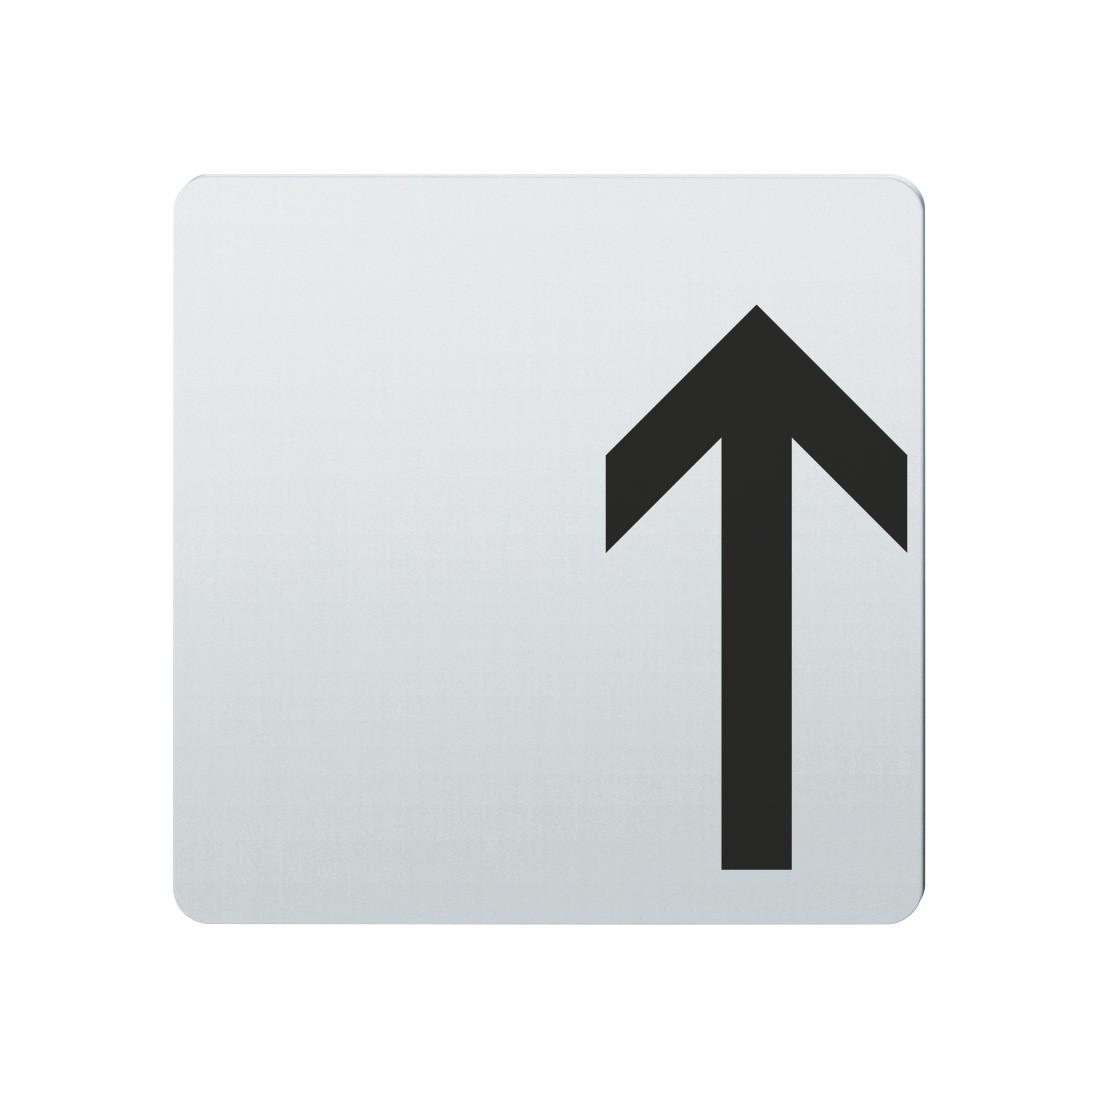 FSB Hinweiszeichen Pfeil nach oben Lasergraviert Edelstahl fein matt (0 36 4059 00002 6204)